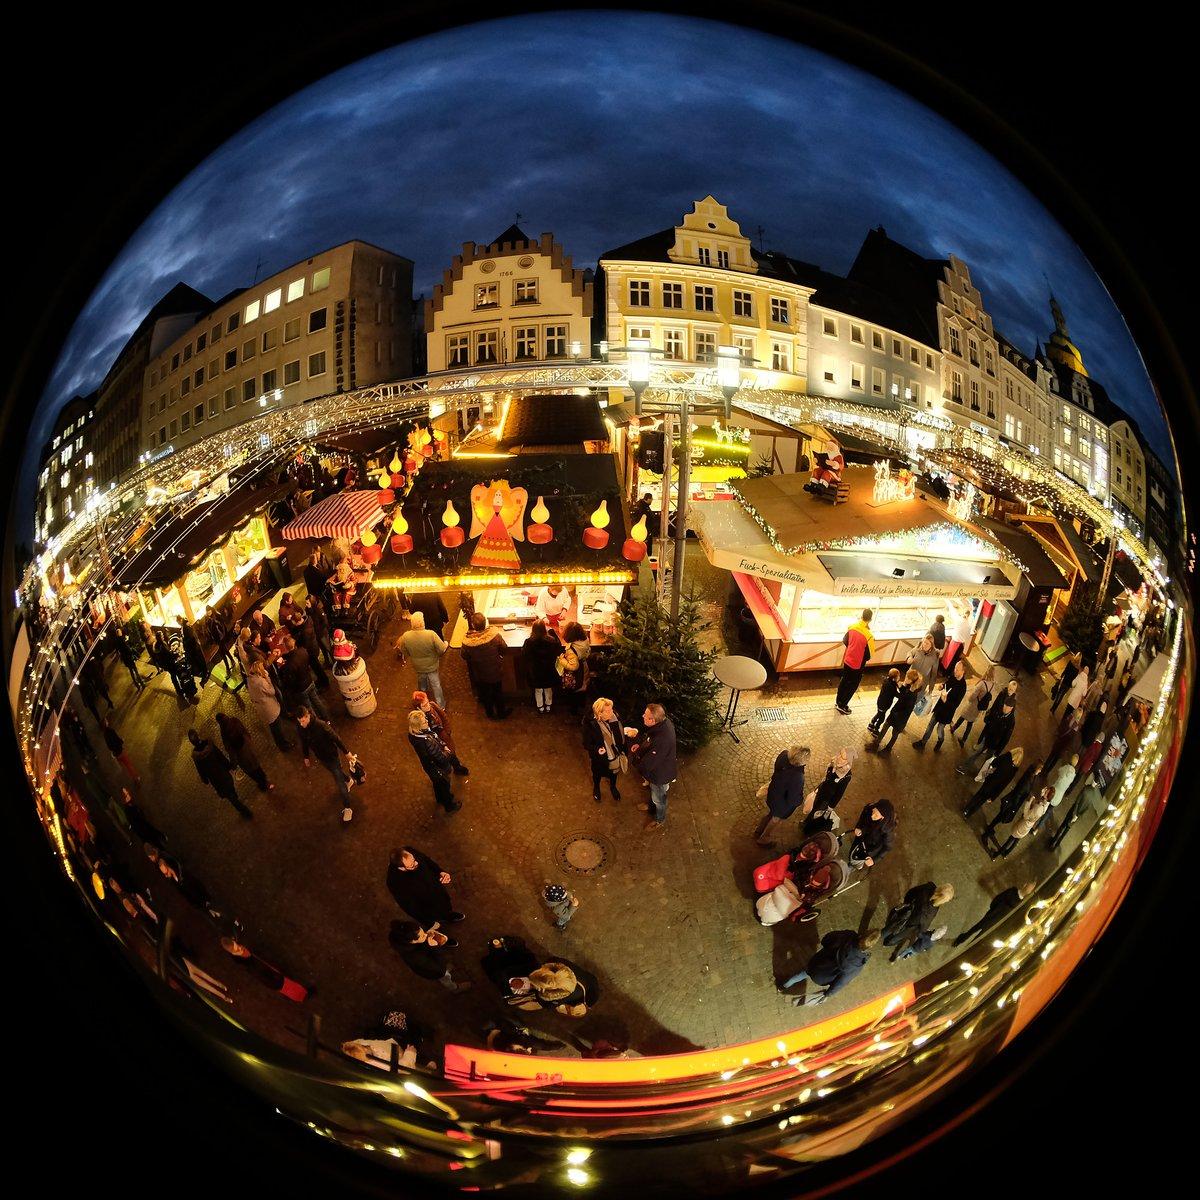 1 Advent Weihnachtsmarkt.Adventssingen In Der Altstadt Weihnachtsmarkt Stimmt Sich Auf Den 1